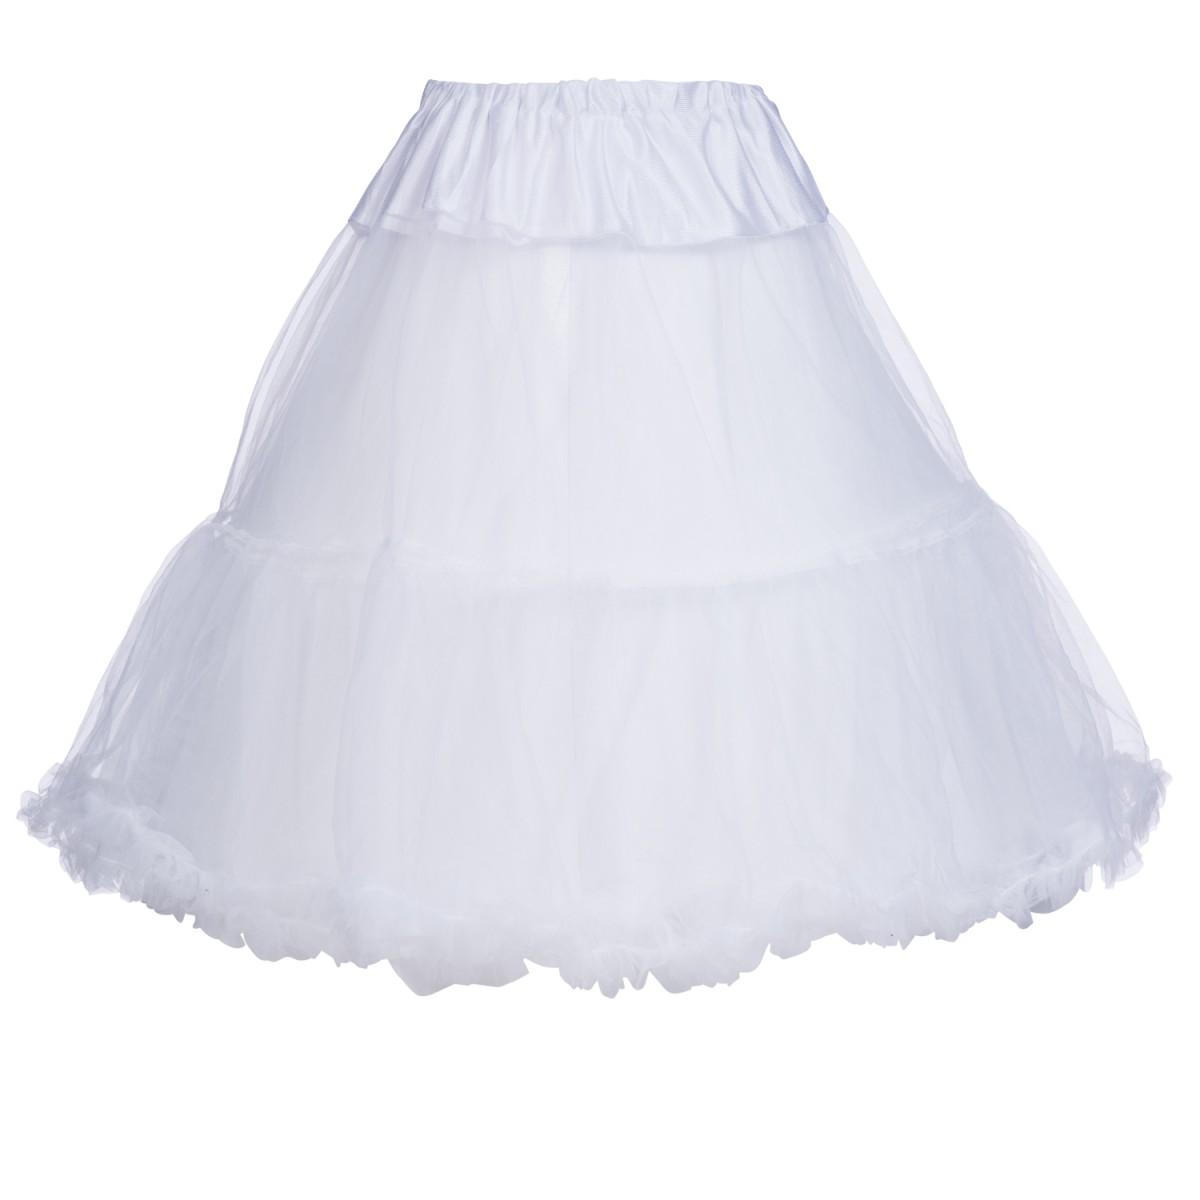 Petticoat in Weiß von Marjo Trachten 65cm